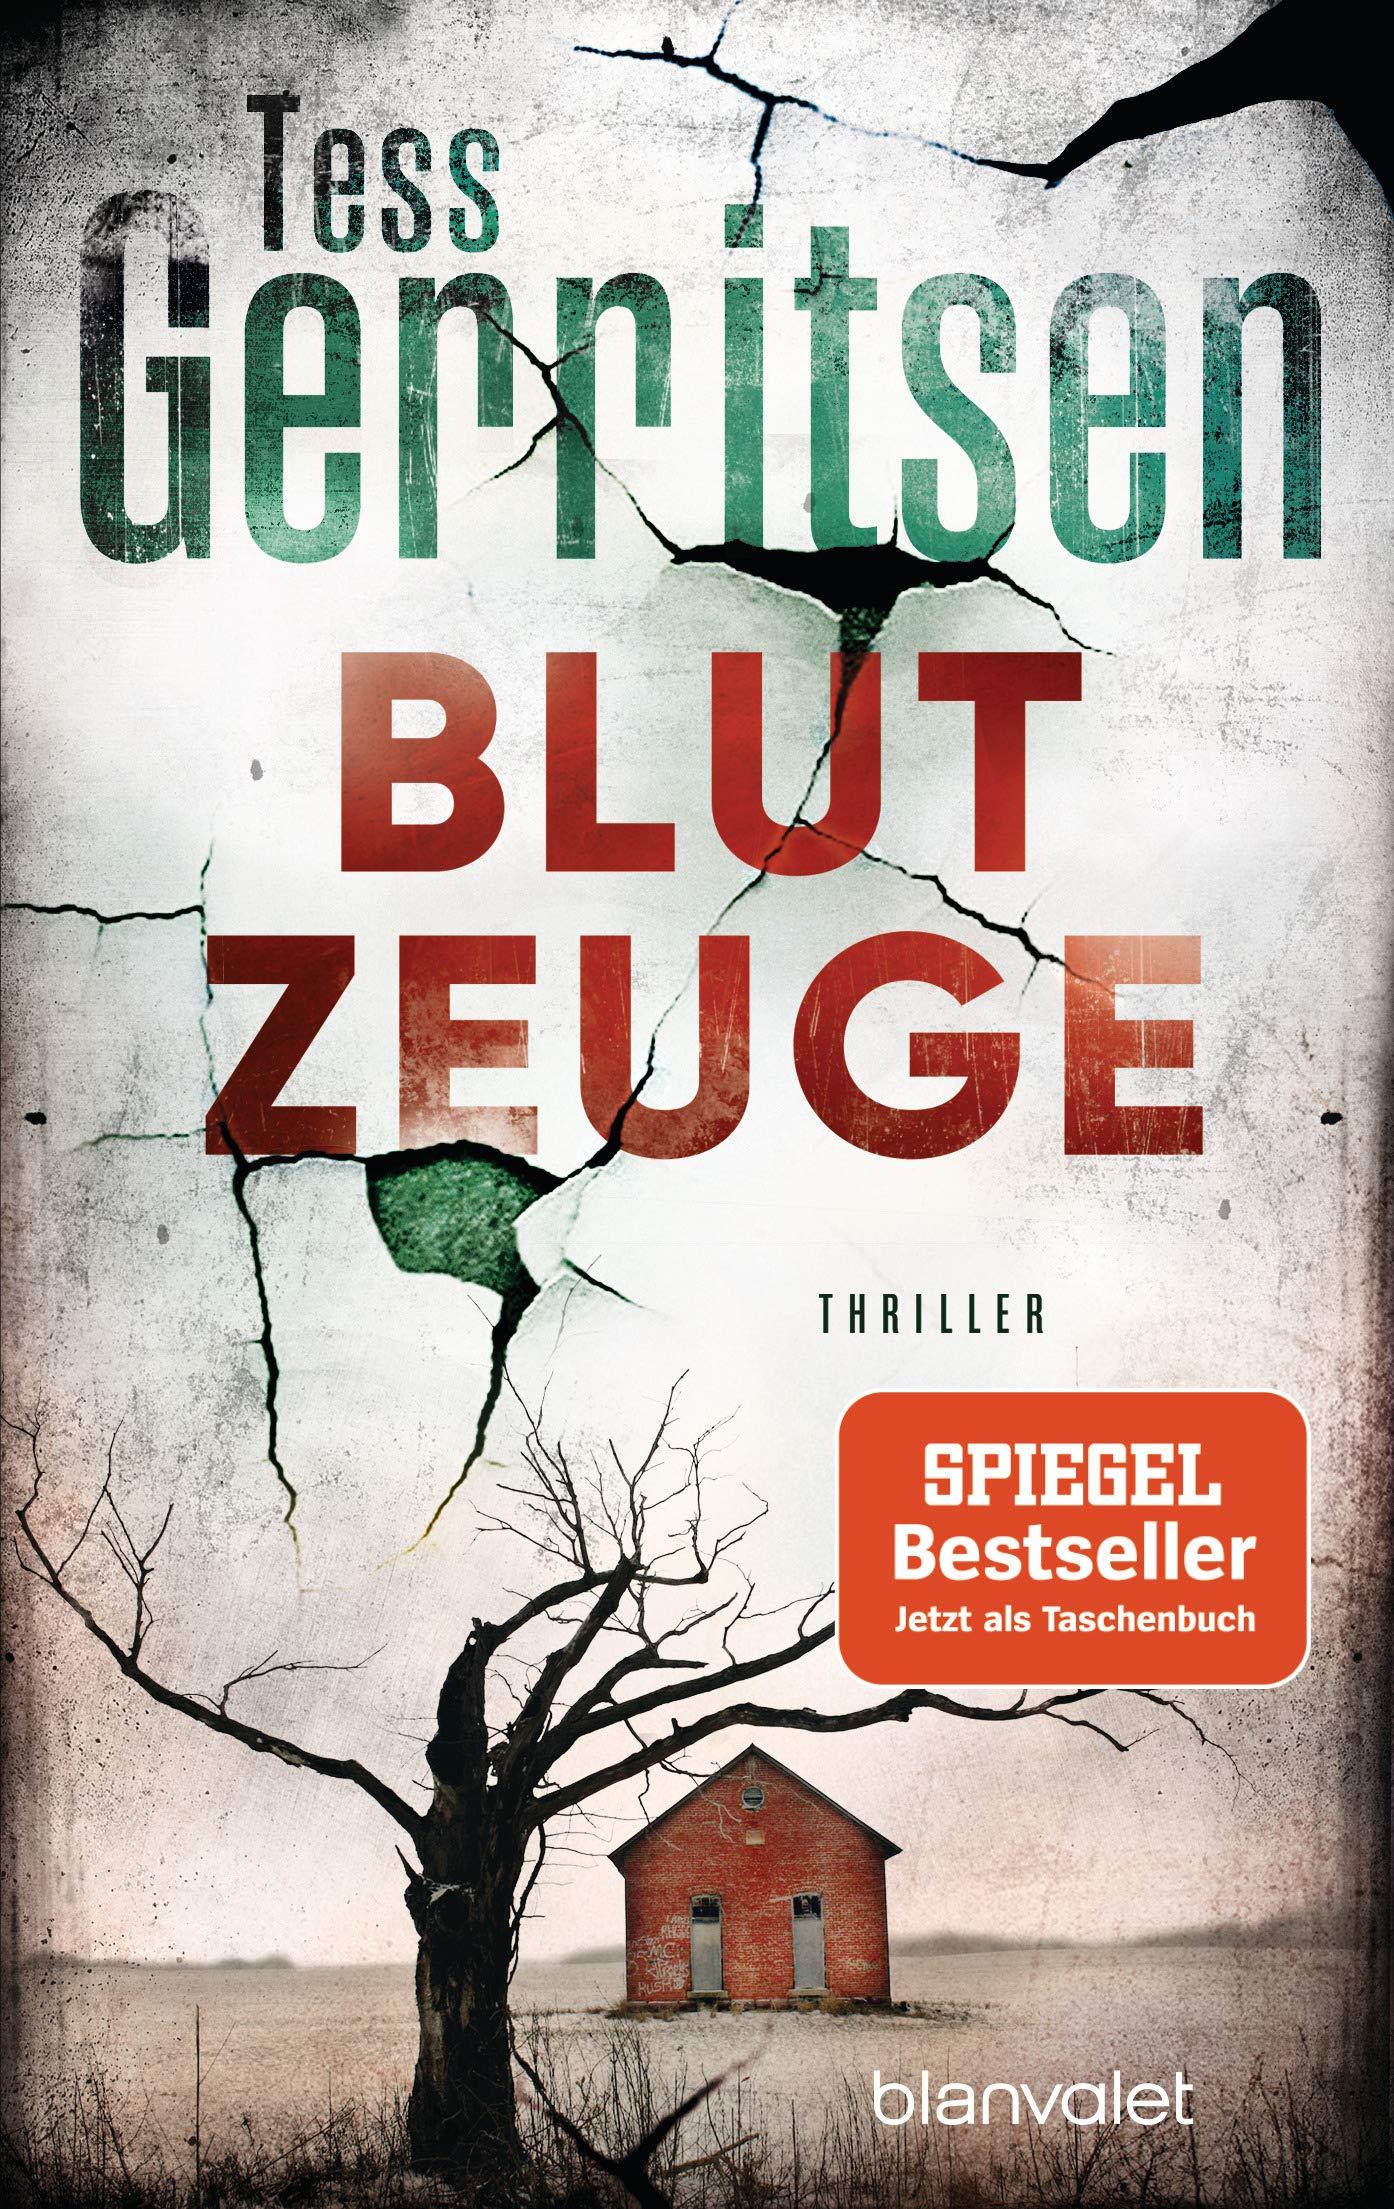 Blutzeuge: Thriller (Rizzoli-& -Isles-Serie, Band 12) Taschenbuch – 19. August 2019 Tess Gerritsen Andreas Jäger Blanvalet Taschenbuch Verlag 3734100488